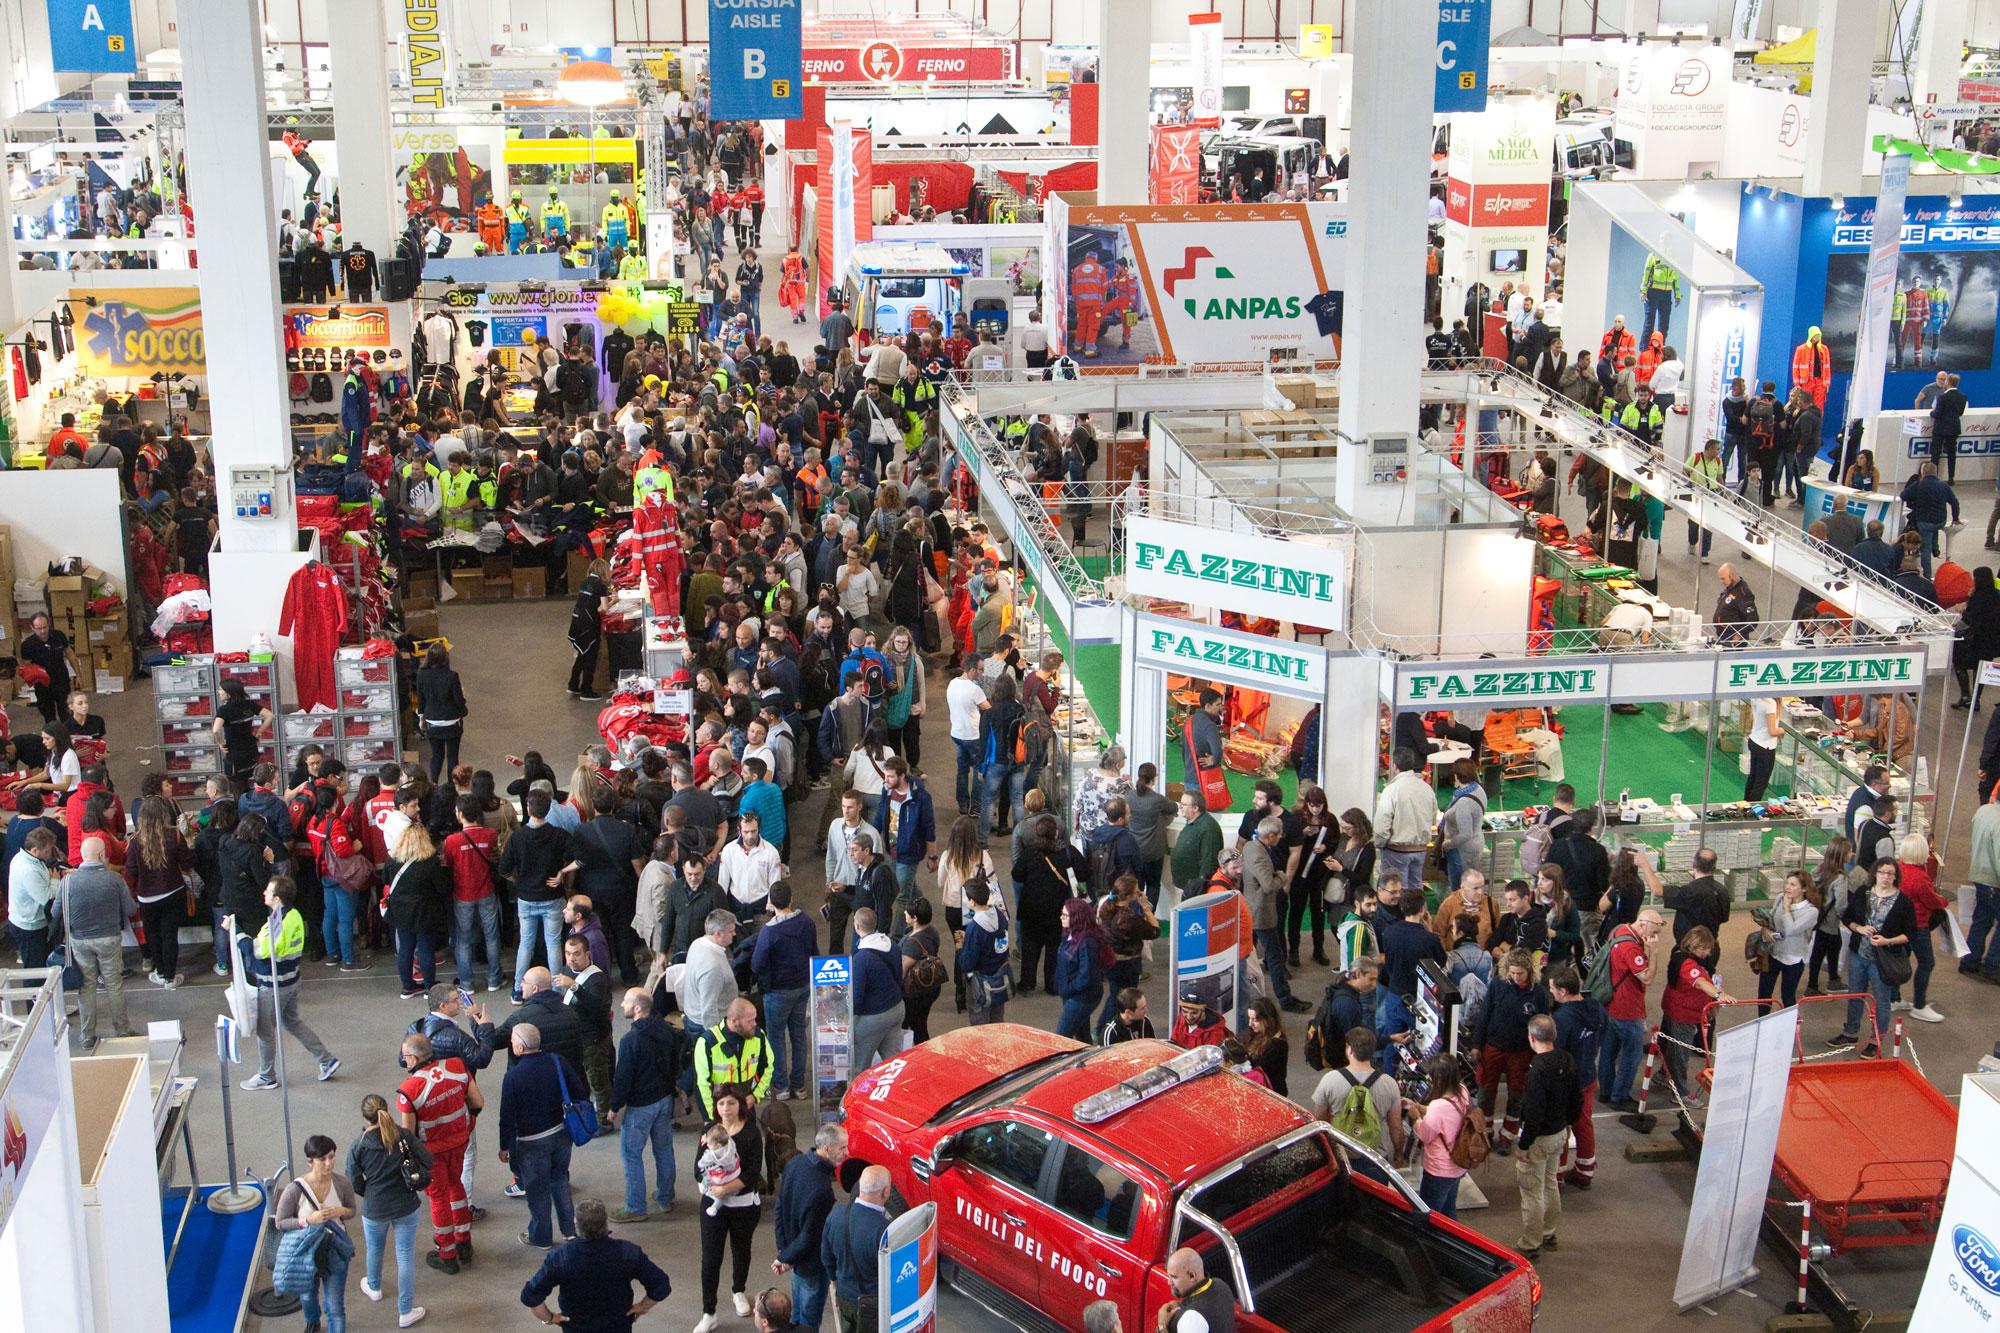 Ambulanze, a REAS ne vedremo di… innovative: rumors e anticipazioni